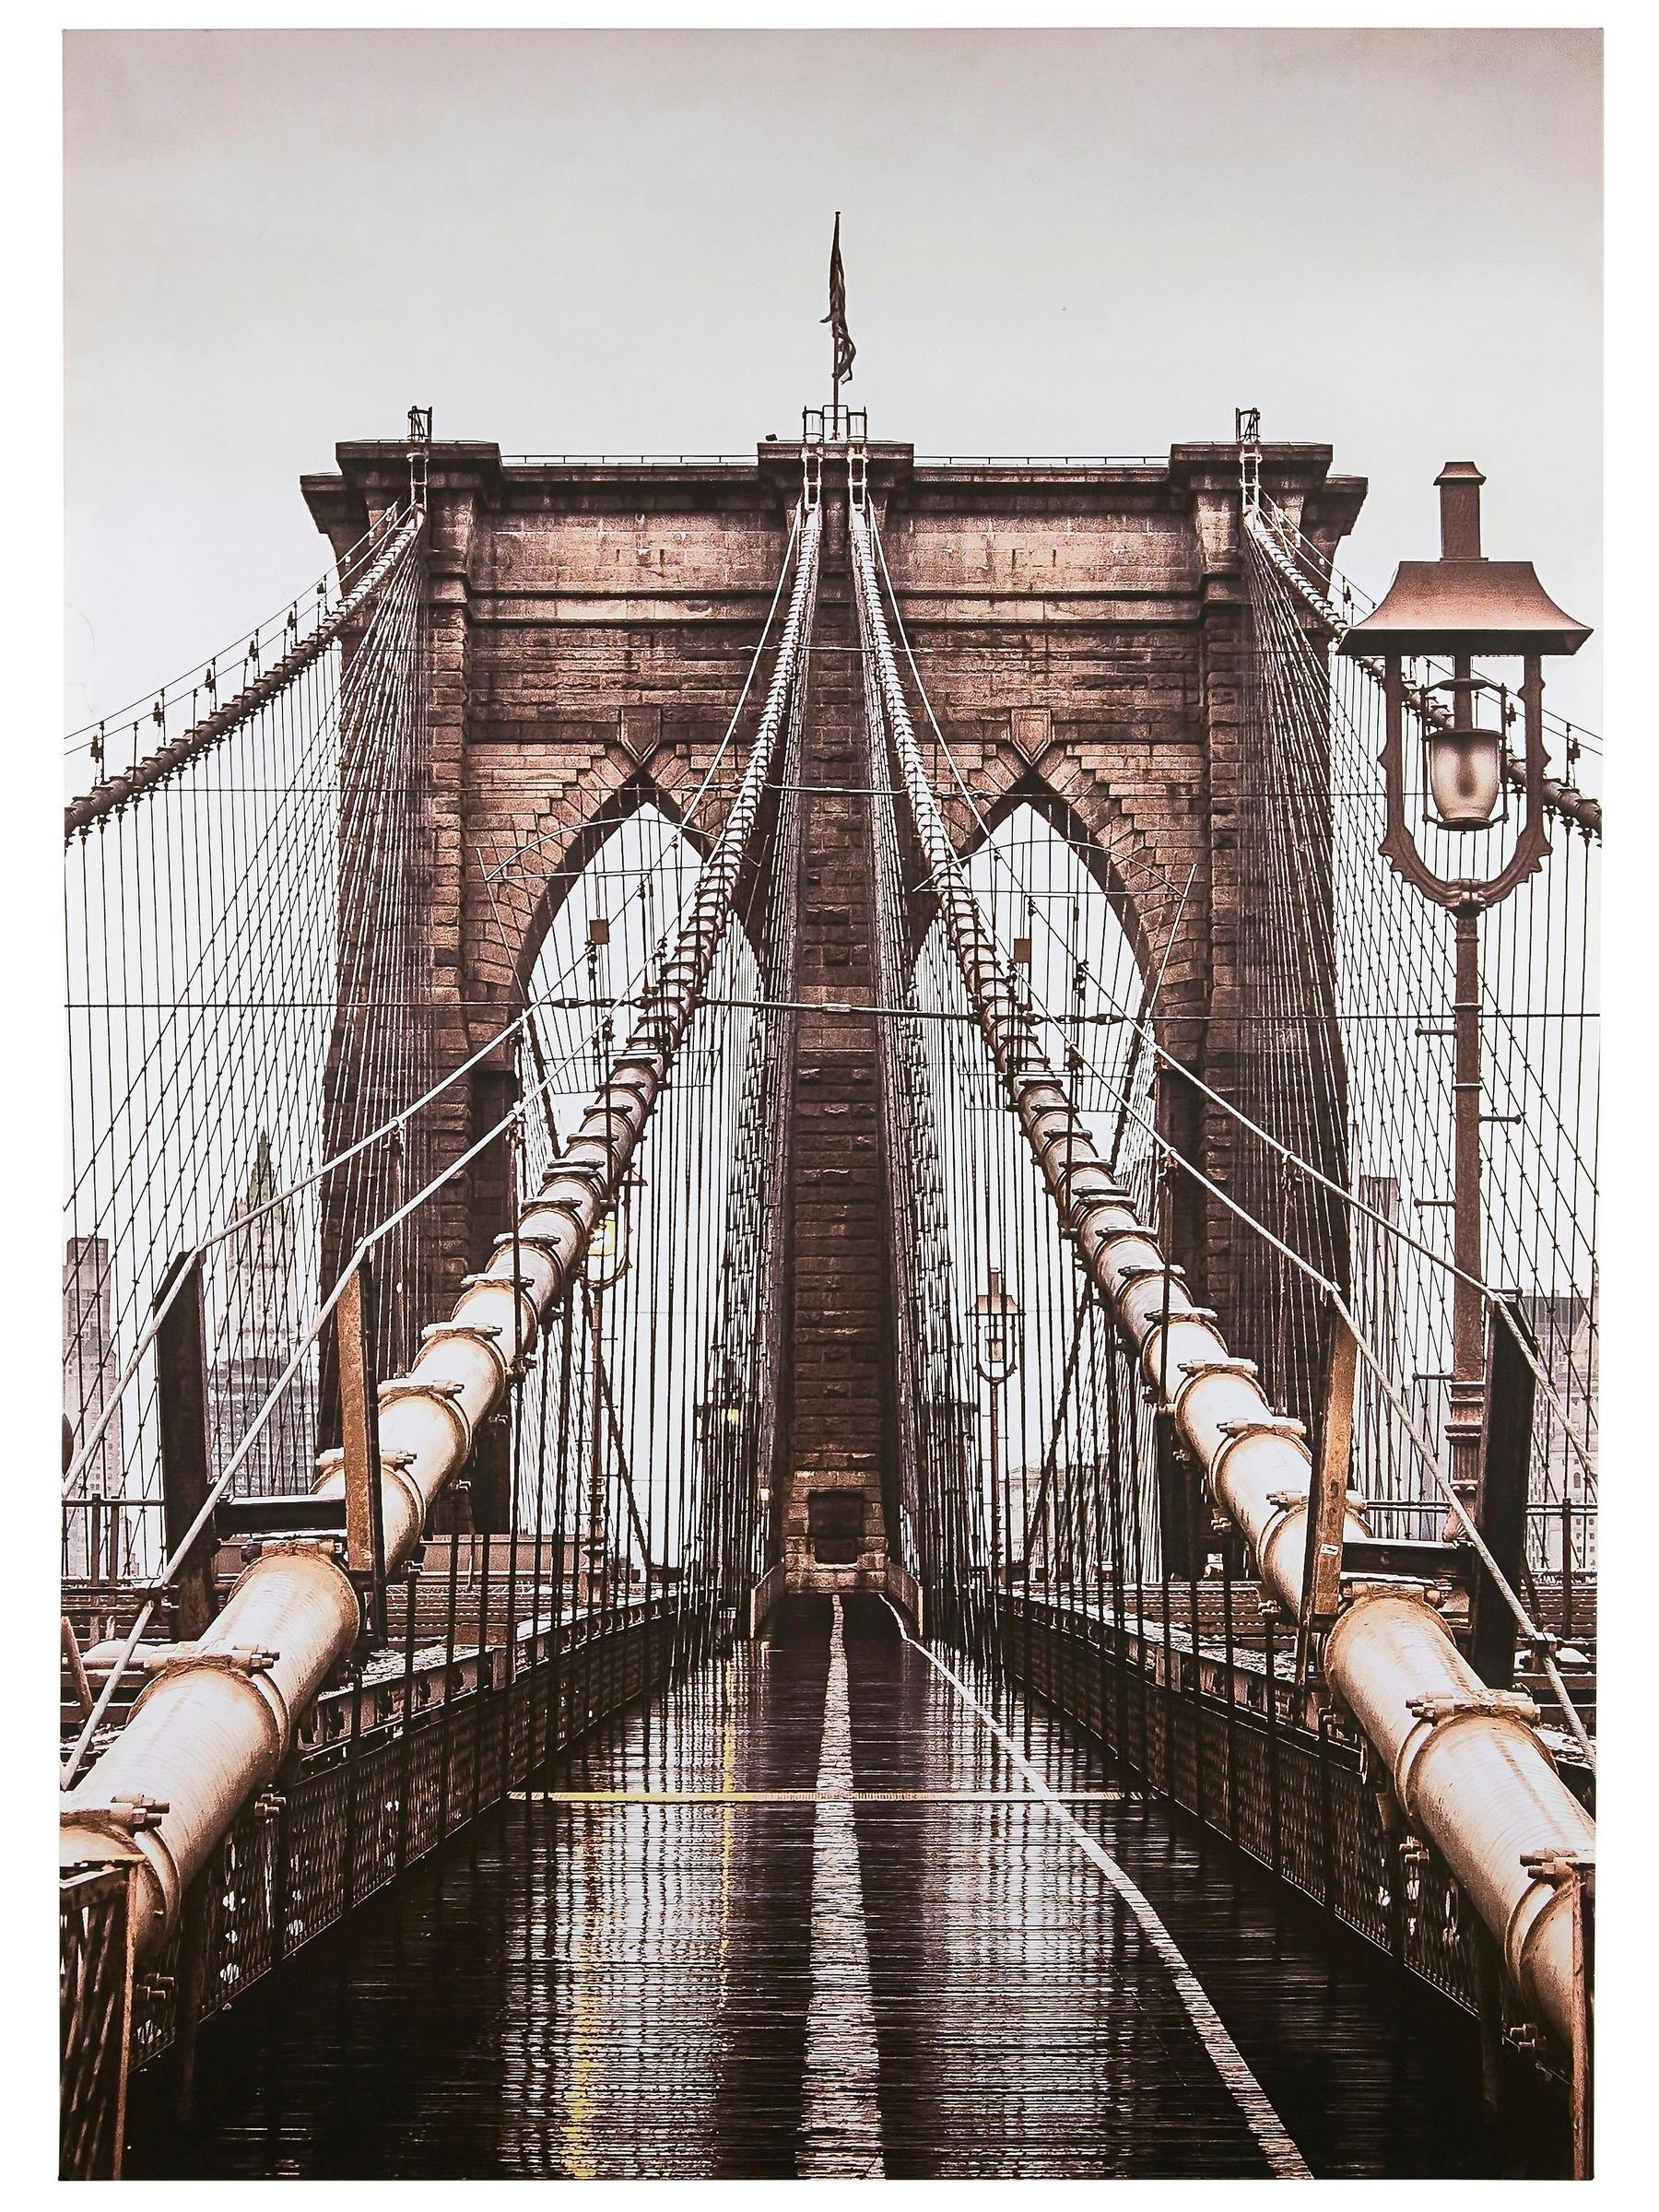 Tableau Brooklyn Bridge In 2020 Brooklyn Bridge New York Trip Planning Brooklyn